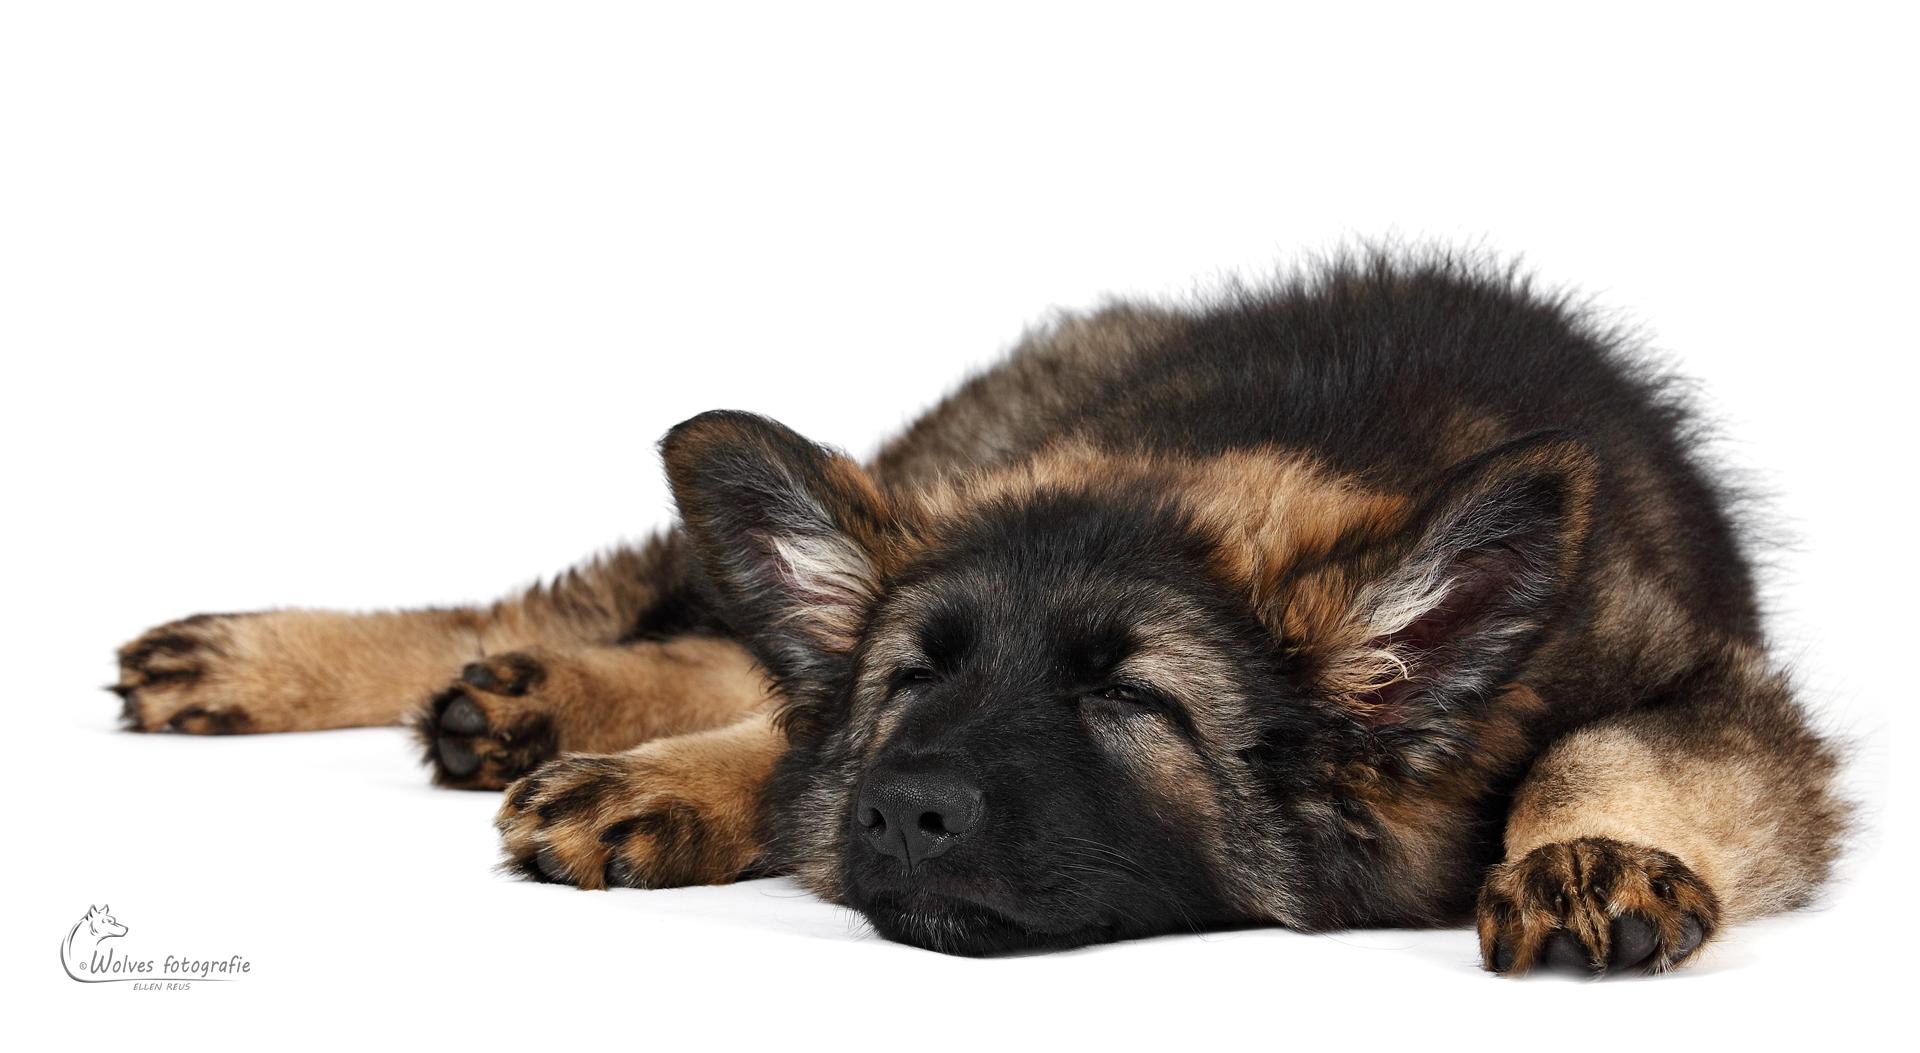 Zoë - Puppy - Oud Duitse Herdershond - 11 weken oud - hondenfotografie - dierenfotografie - Door: Ellen Reus - Wolves fotografie